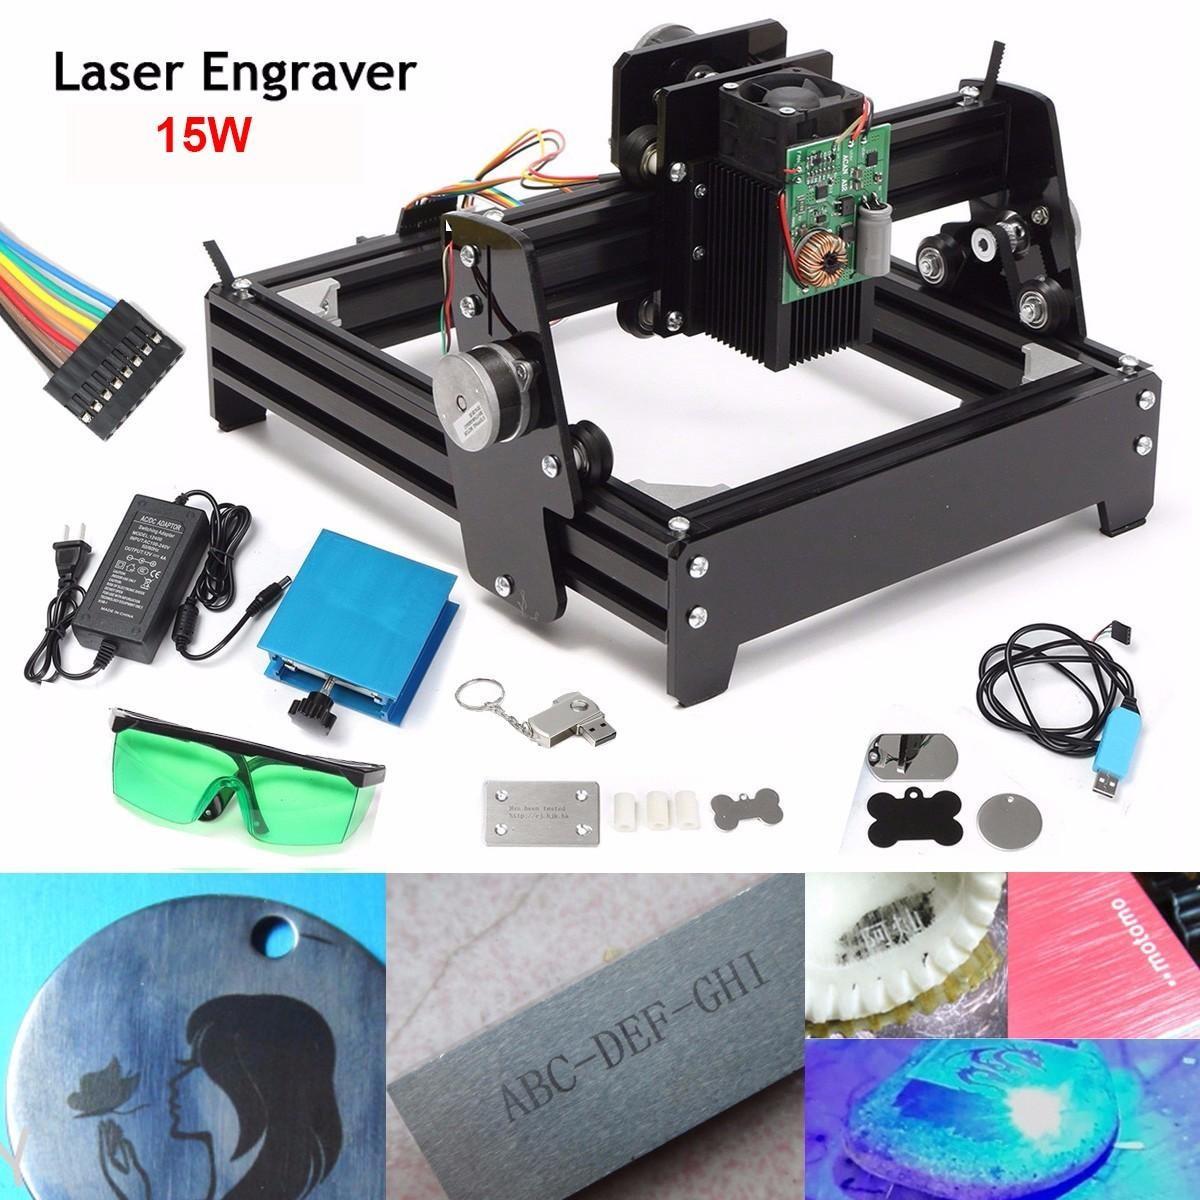 Новый 15 Вт лазер AS 5 USB Настольный 15000 МВт ЧПУ лазерный гравер DIY маркировочная машина для металла камень дерево гравировка области 14x20 см